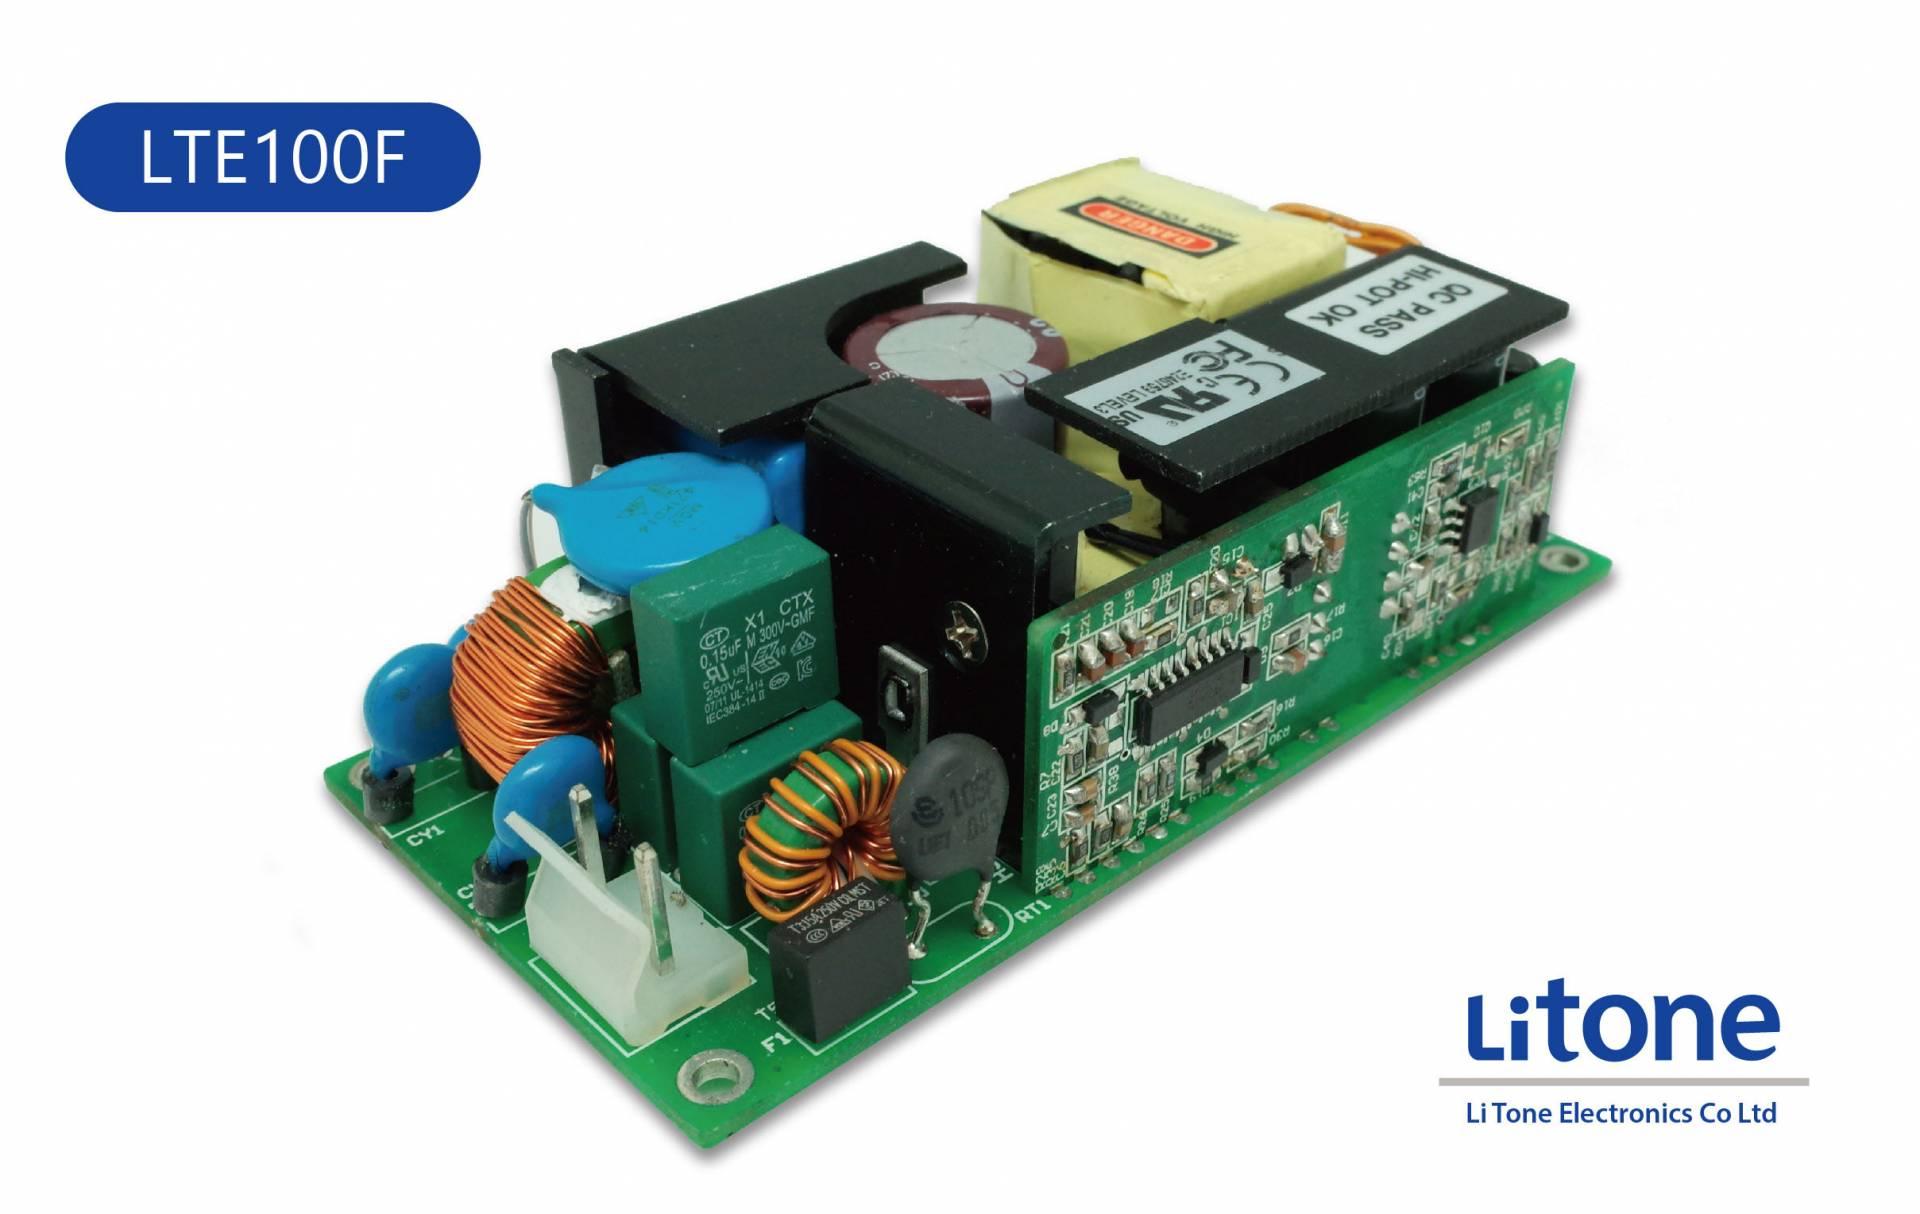 100W 電源供應器   高靈敏磁性元件和交換式電源製造商   力英電子股份有限公司